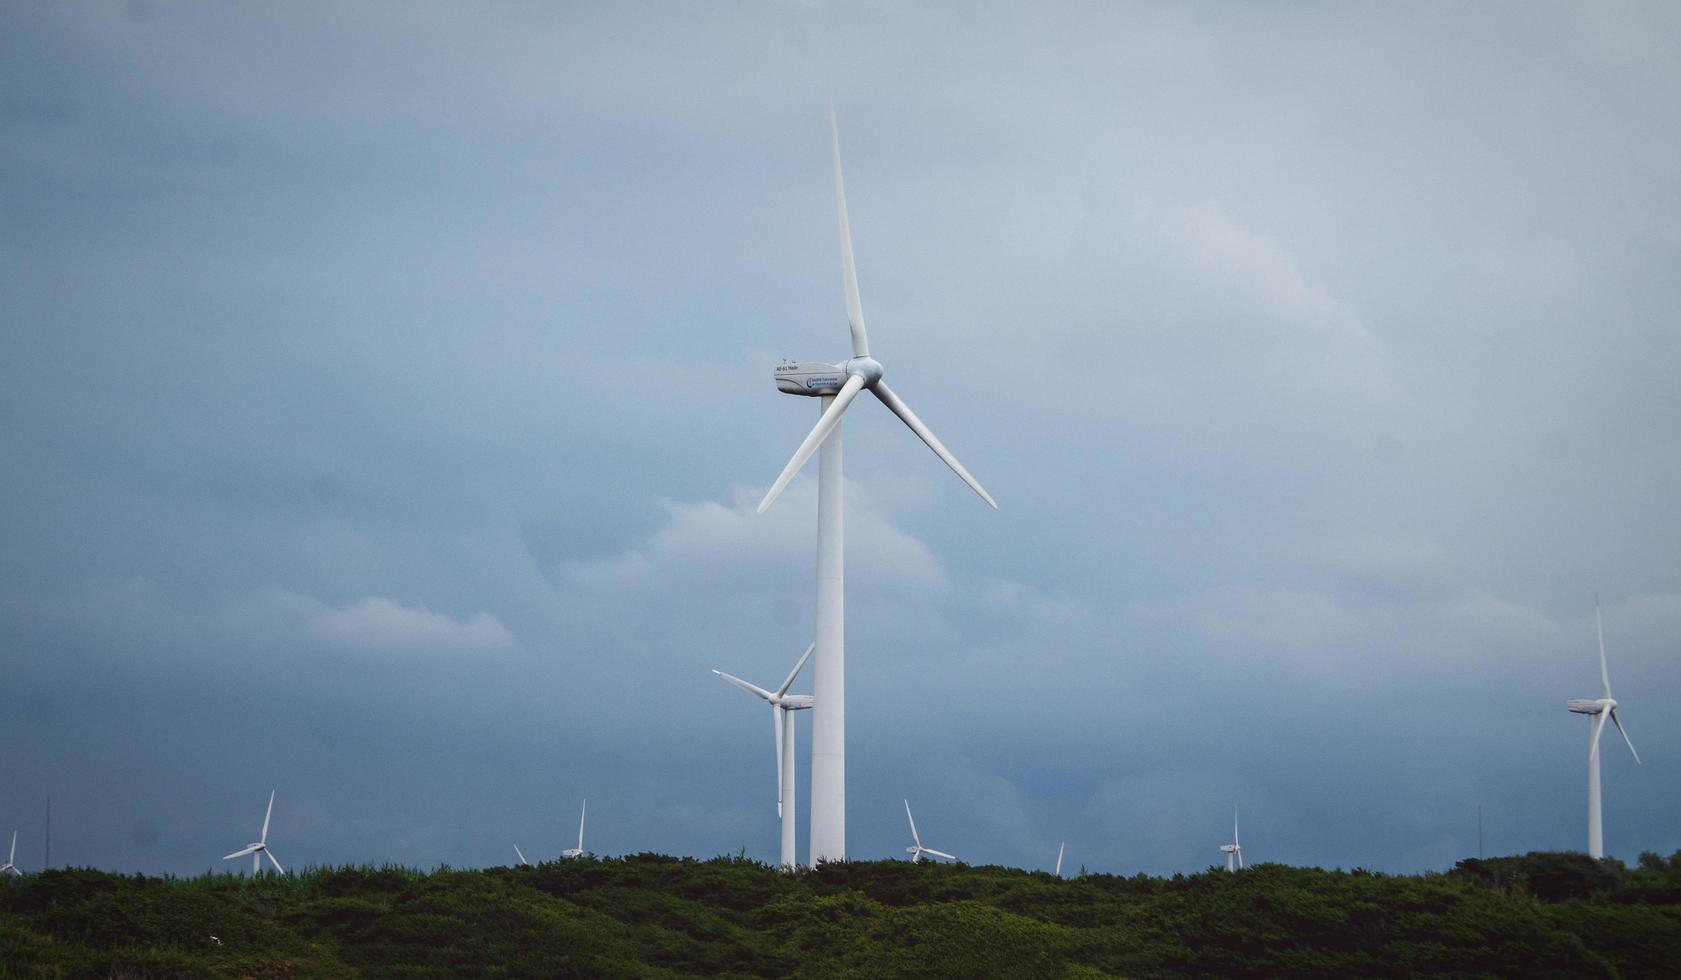 tunisia, nord africa, 2020 - campo della turbina eolica in una giornata nuvolosa foto